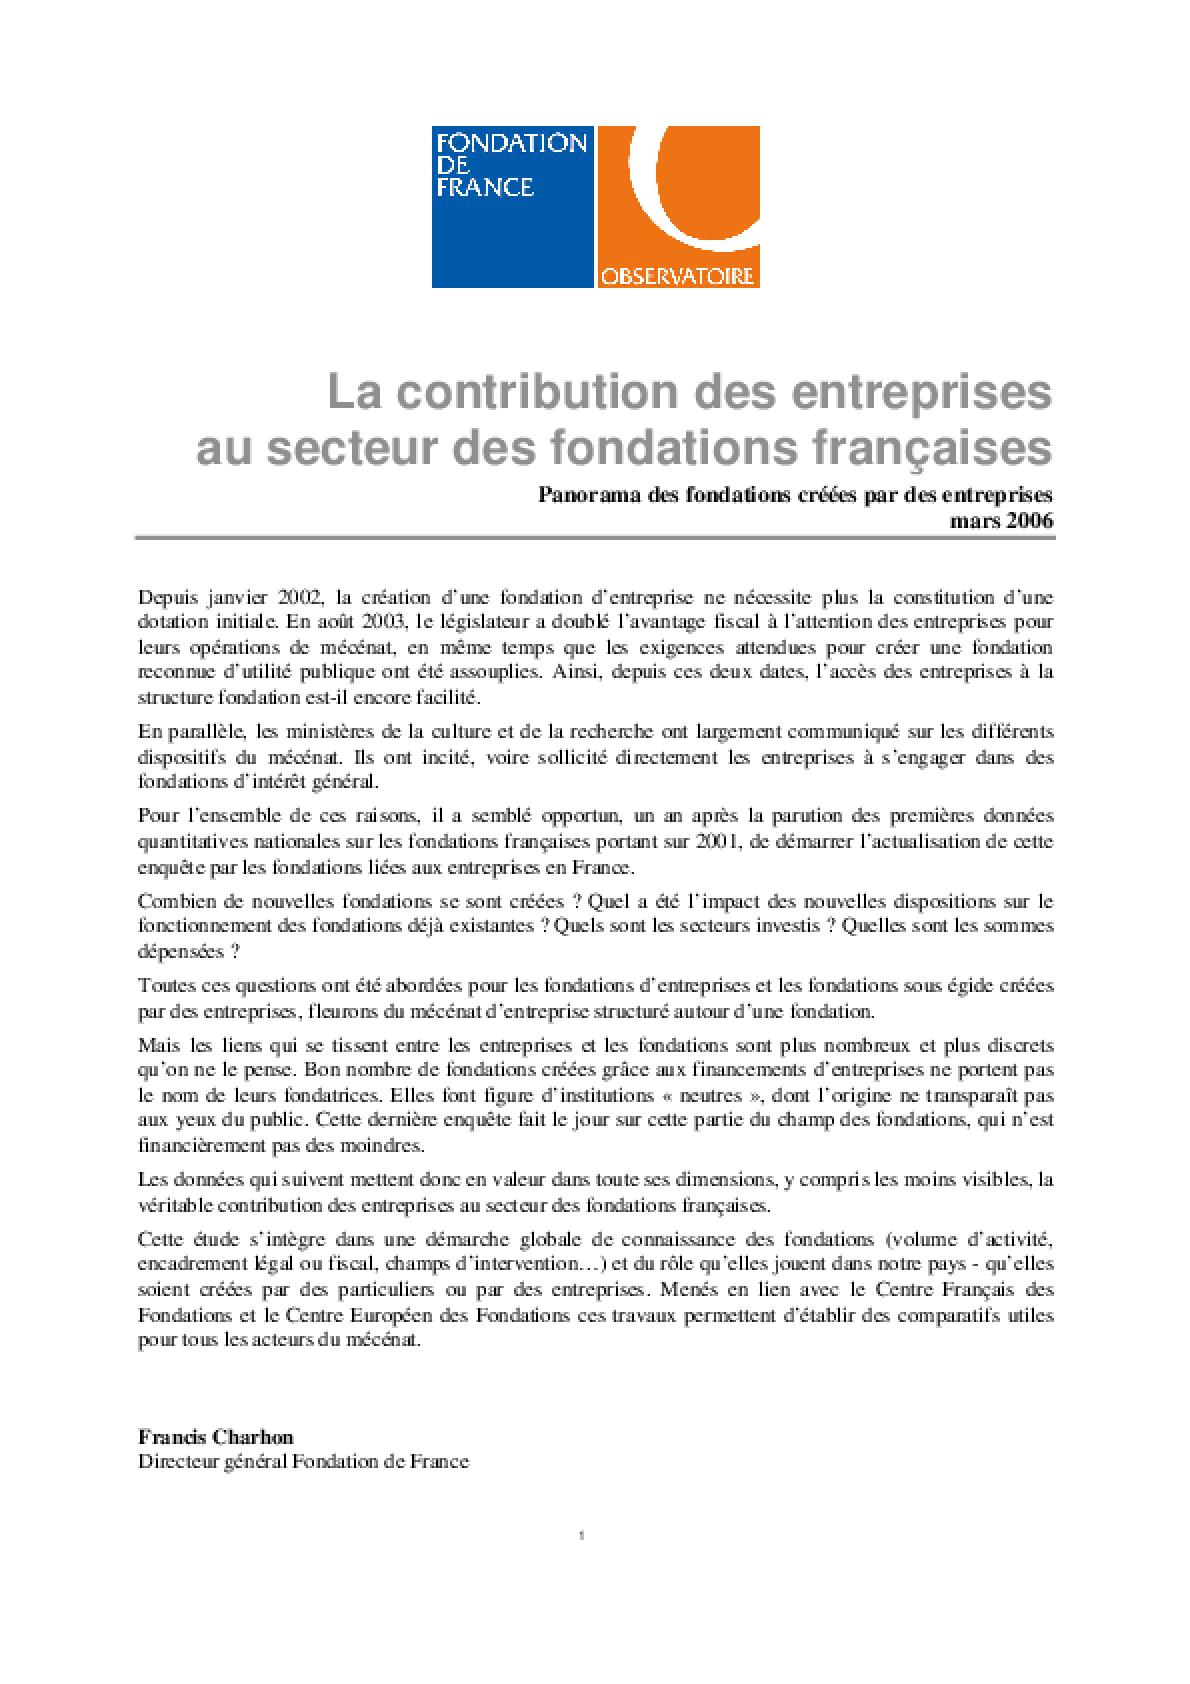 La Contribution Des Entreprises Au Secteur Des Fondations Françaises: Panorama Des Fondations Créées Par Des Entreprises